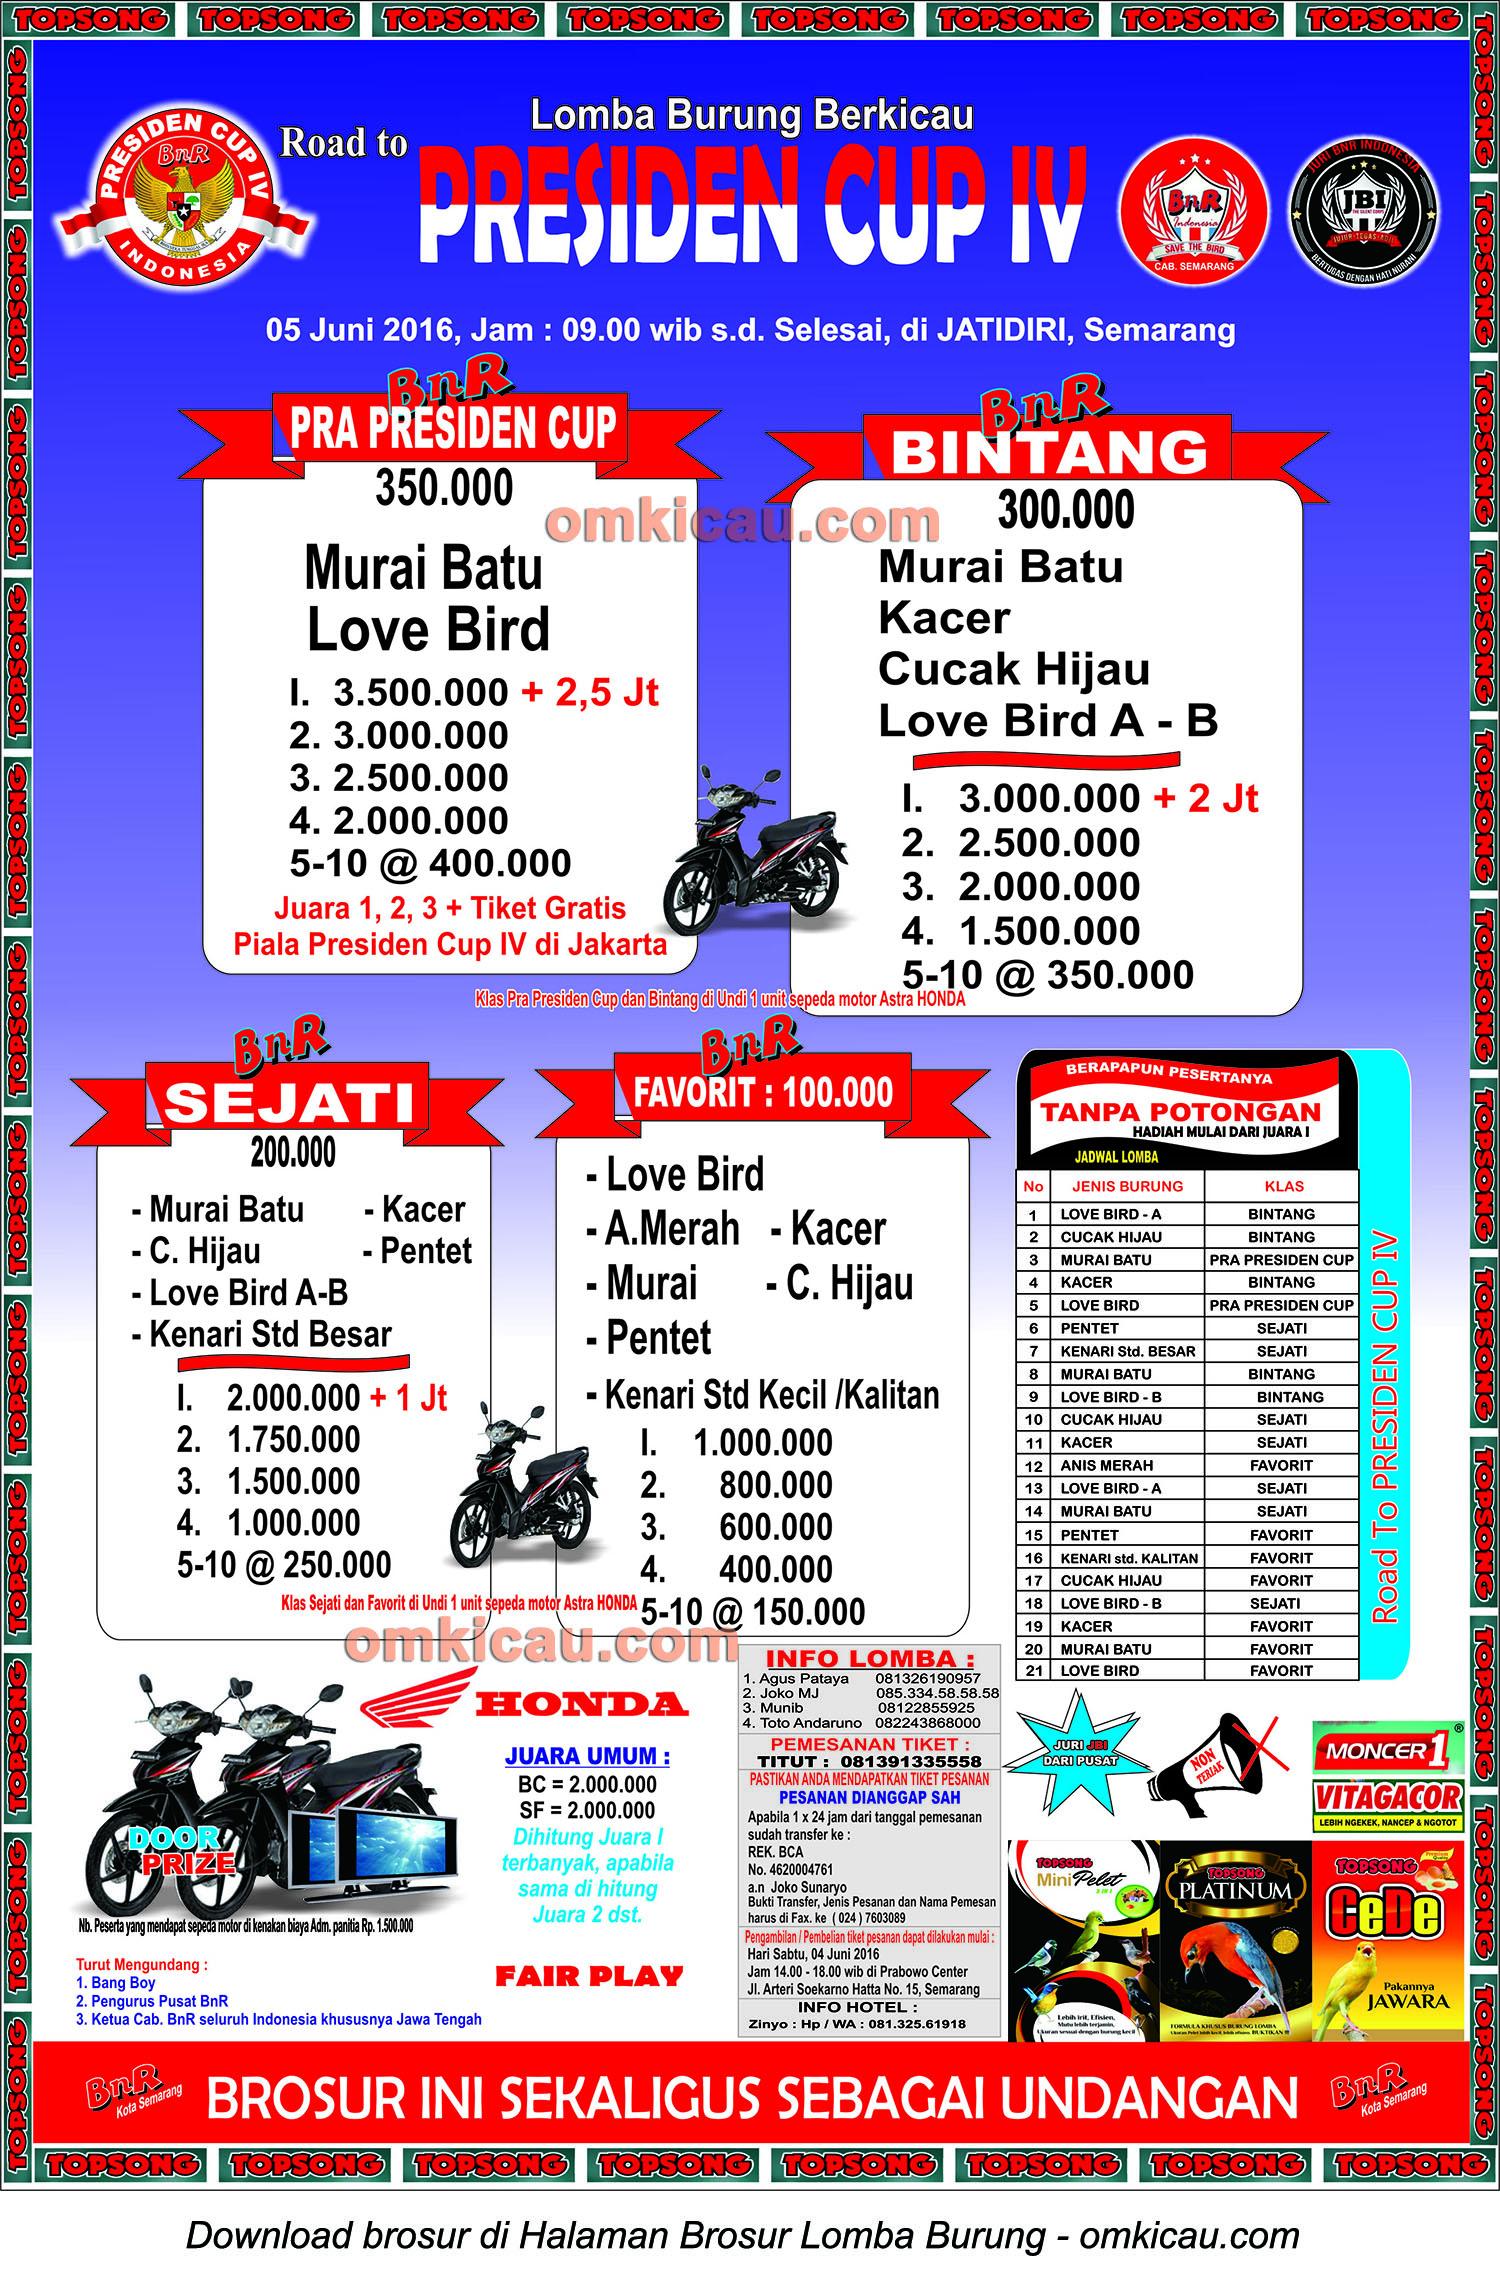 Brosur Lomba Burung Berkicau Road to Presiden Cup IV, Semarang, 5 Juni 2016